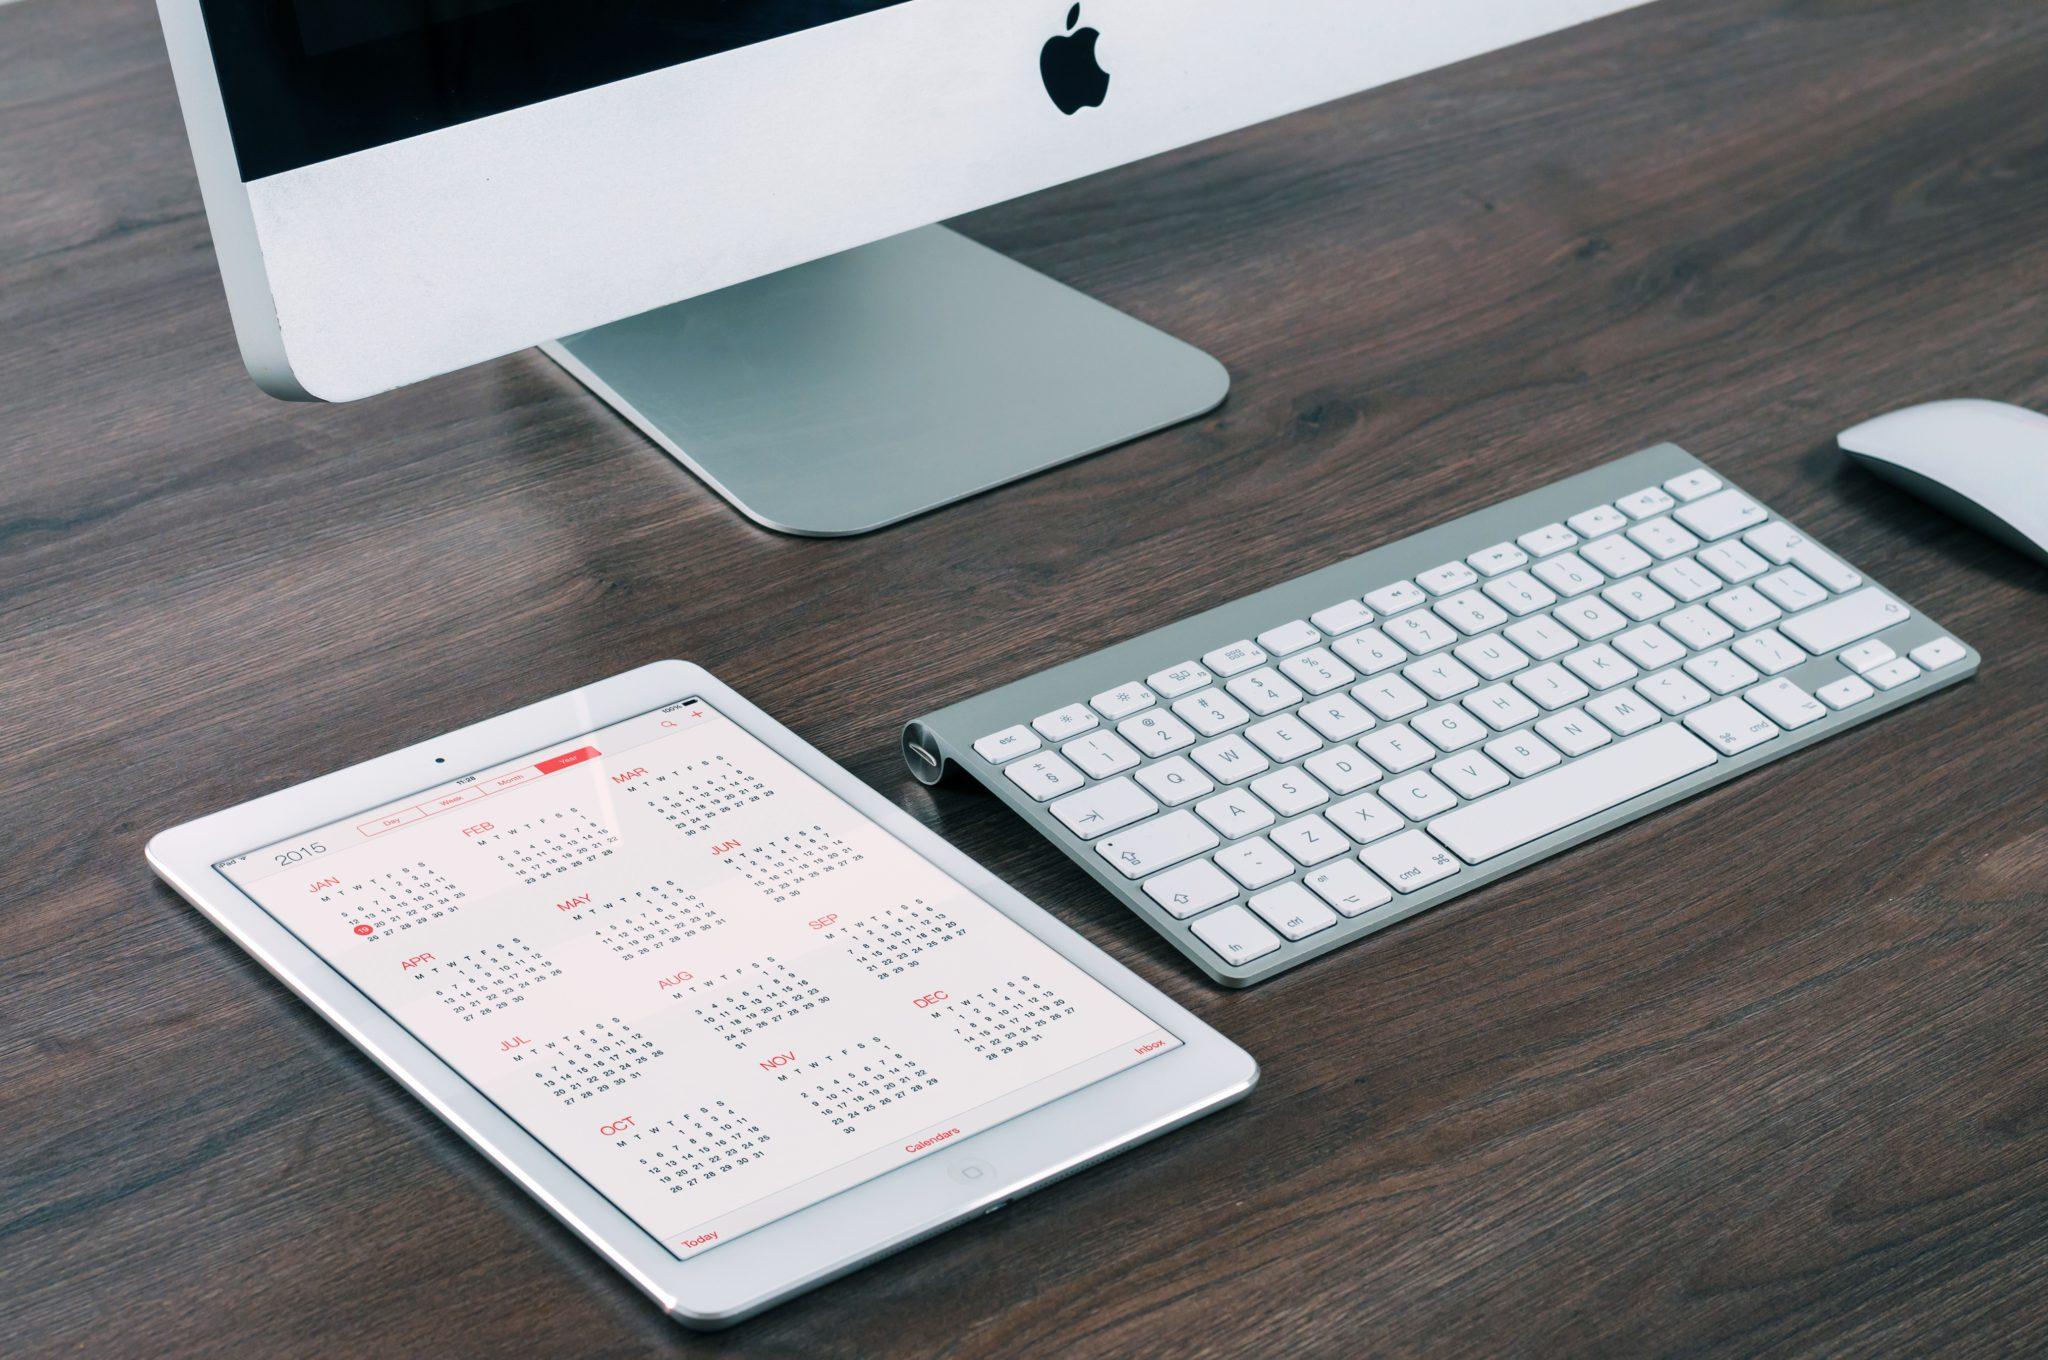 tablet mit kalender neben imac mit tastatur und maus